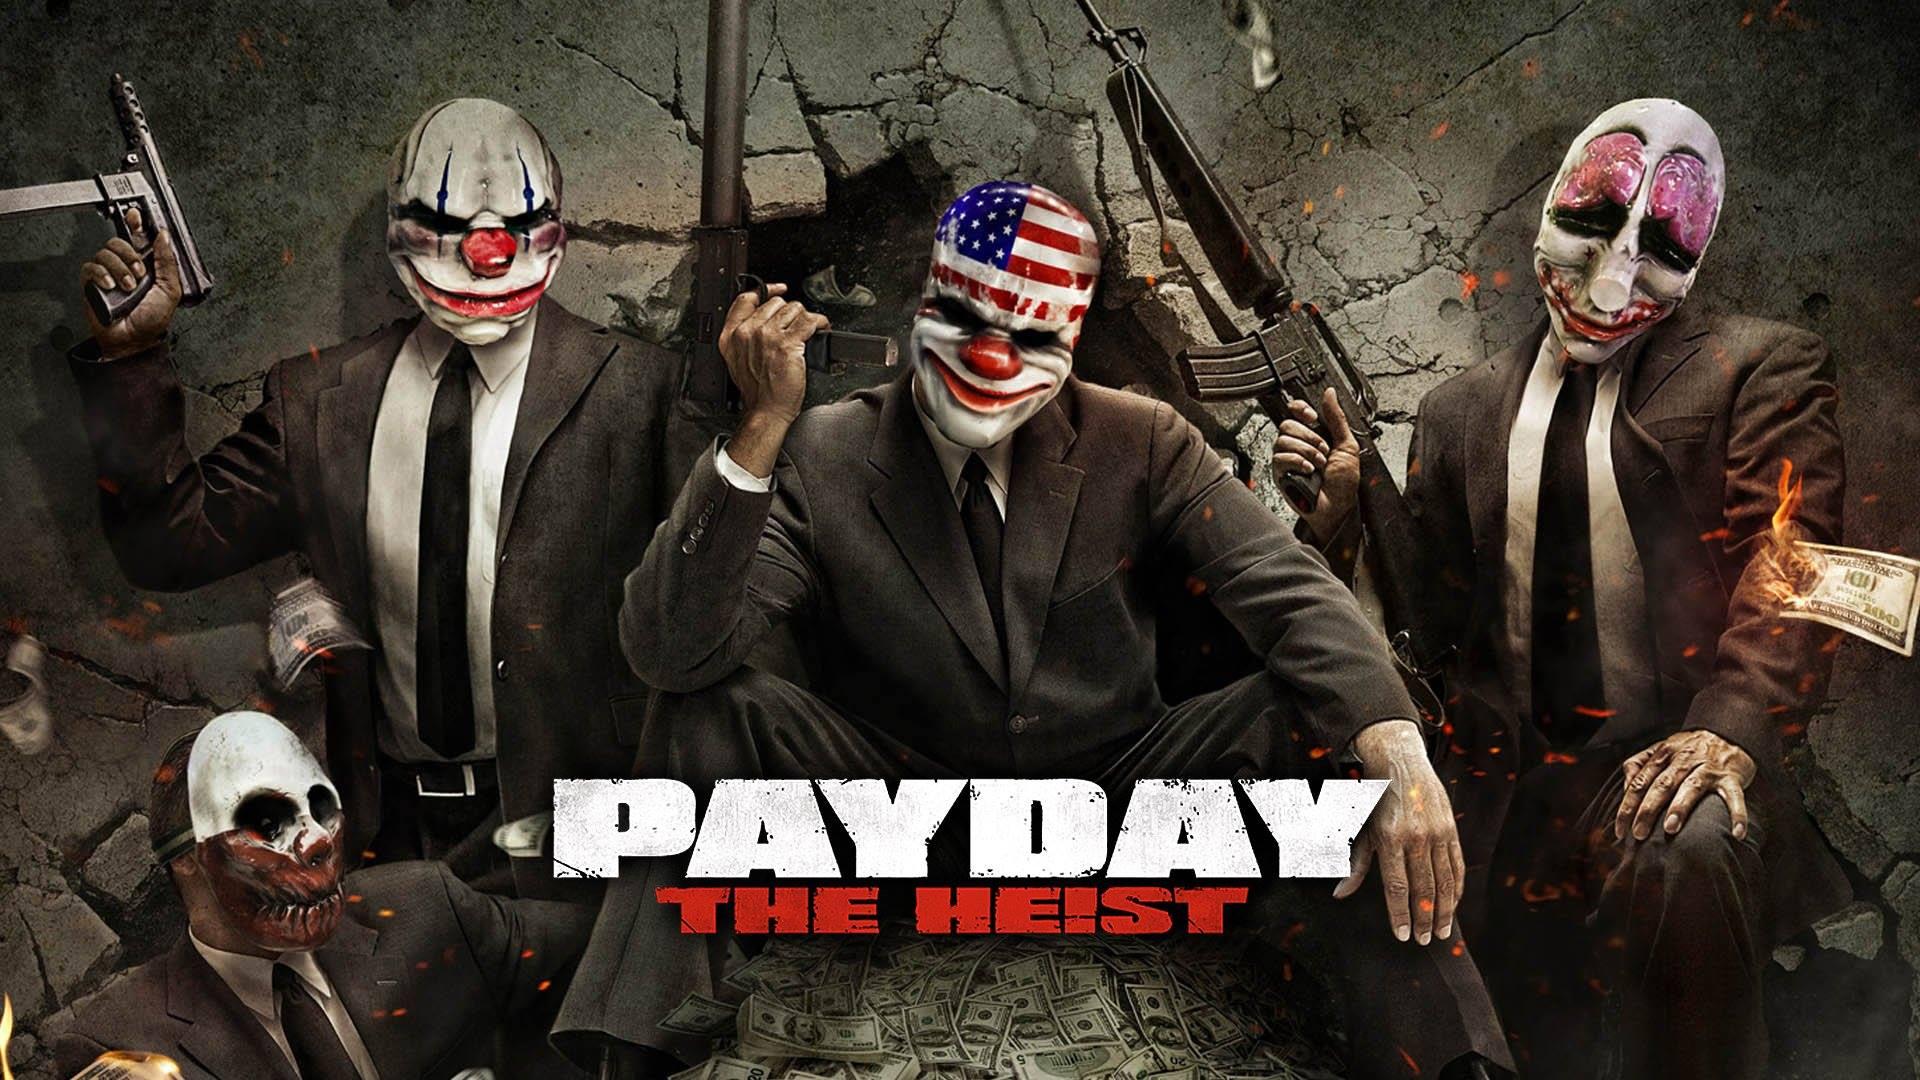 Az egyetlen hely, ahol létezik tökéletes bűntény: a Payday 2 játék (Fotó: Overkill Software)